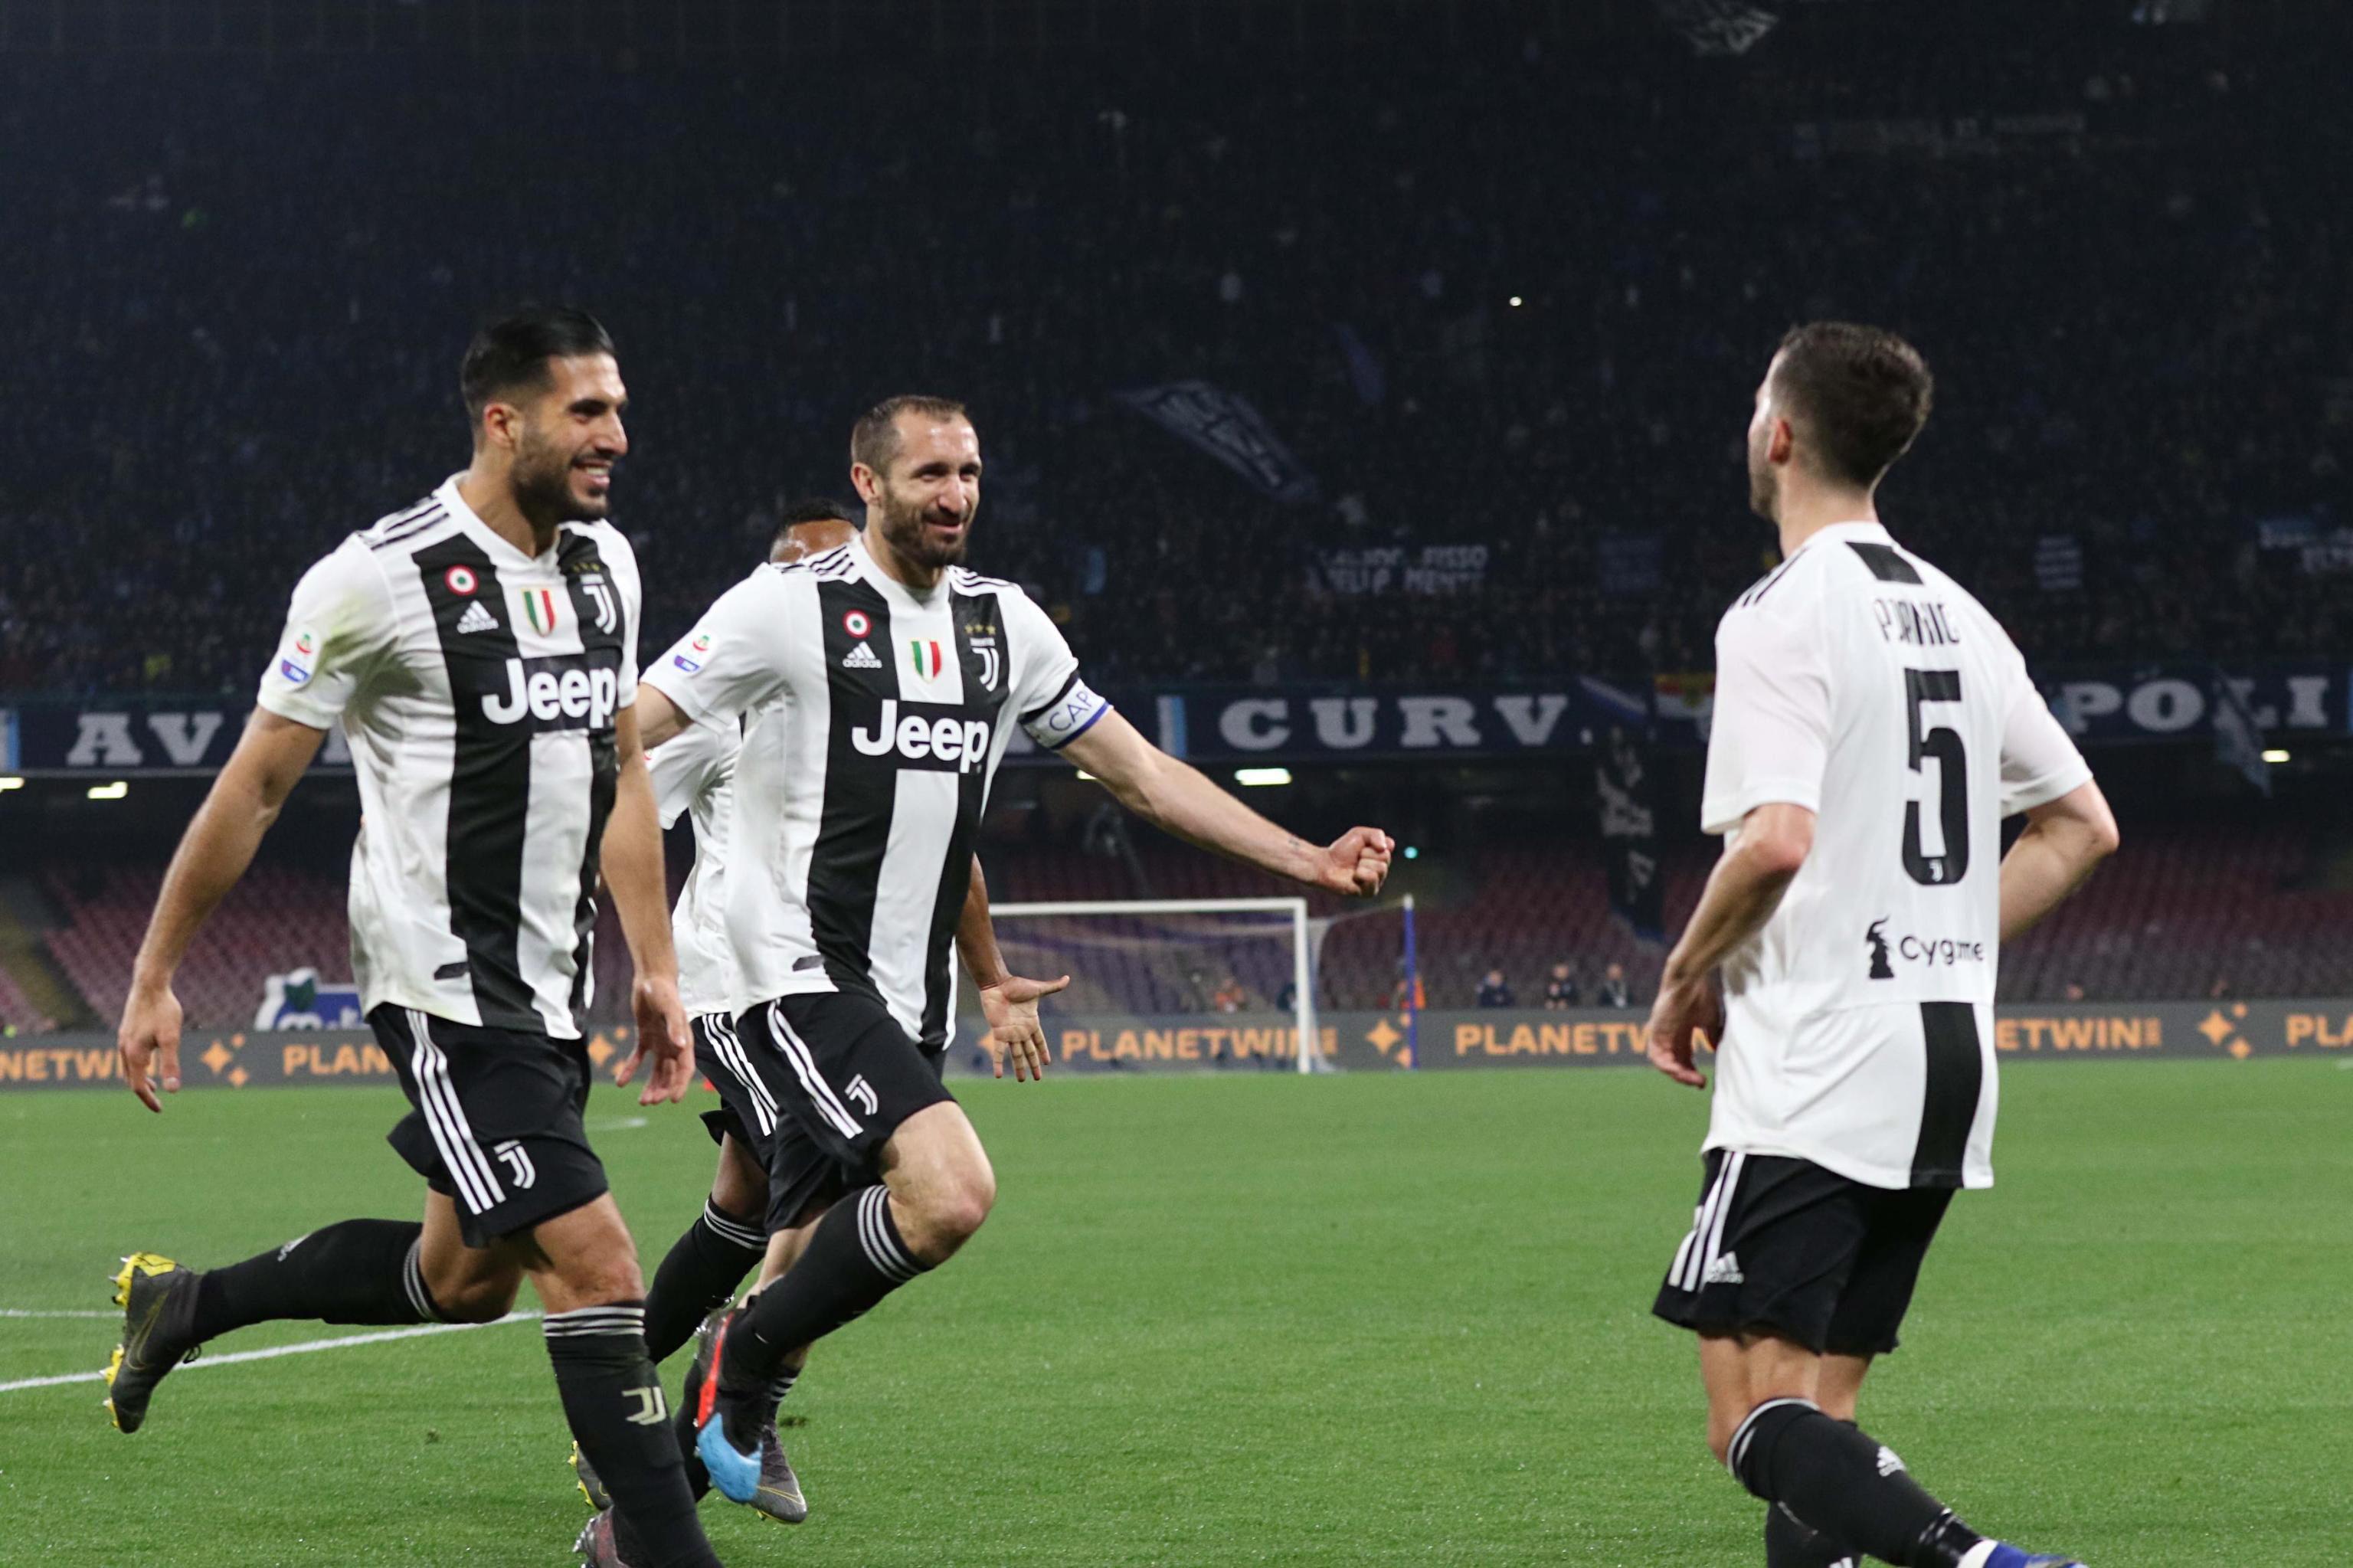 Serie A: Juventus derrotó al Napoli y sigue líder e invicto